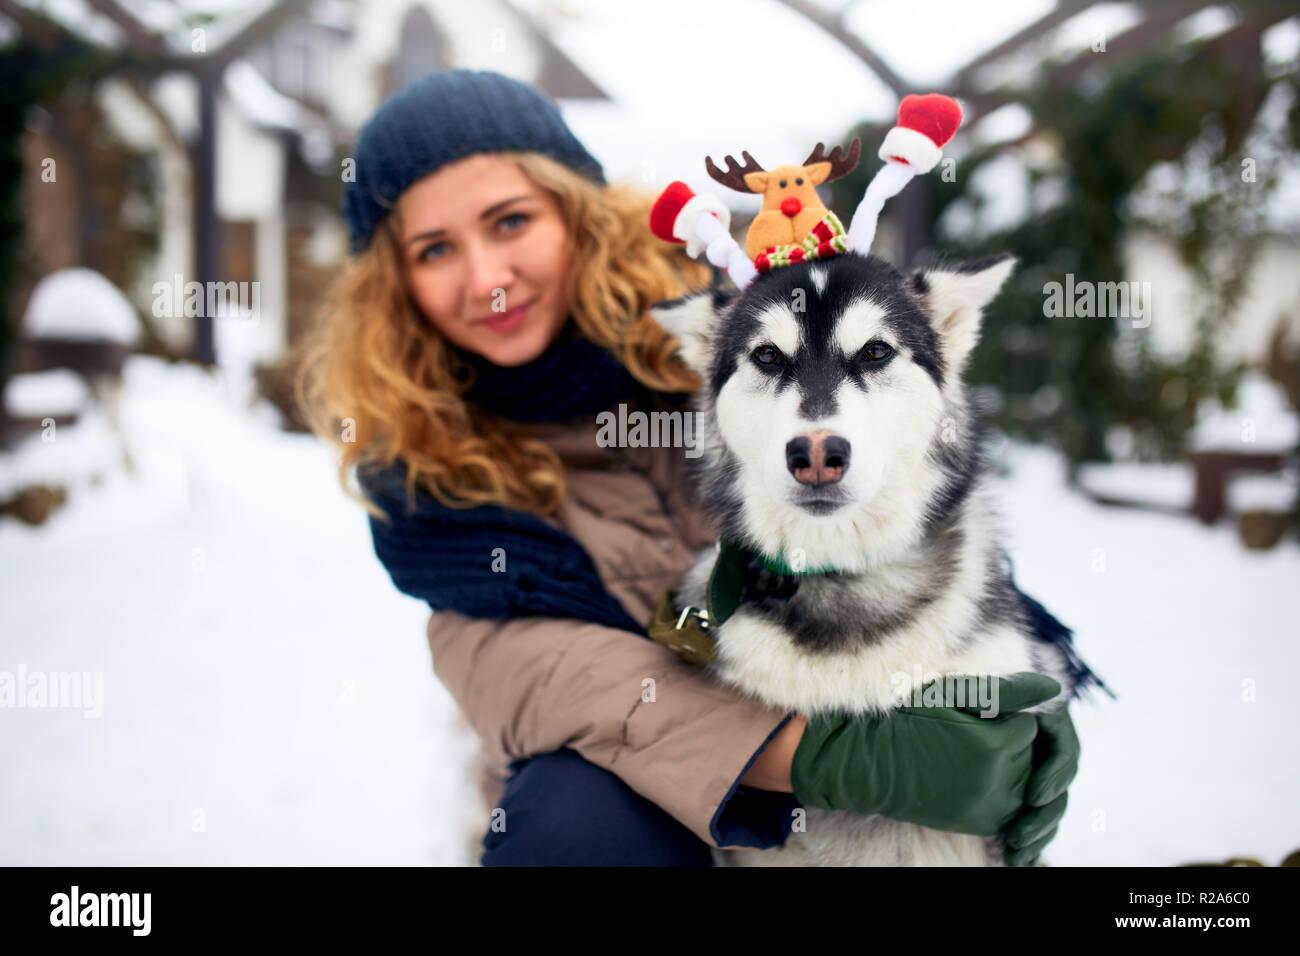 Atractiva mujer caucásica auténtico abrazos gracioso malamute perro vistiendo santa queridos astas de navidad. Rizado mujer sonriente divirtiéndose con cachorro huskie en año nuevo. El Pet es el mejor regalo para las vacaciones. Foto de stock